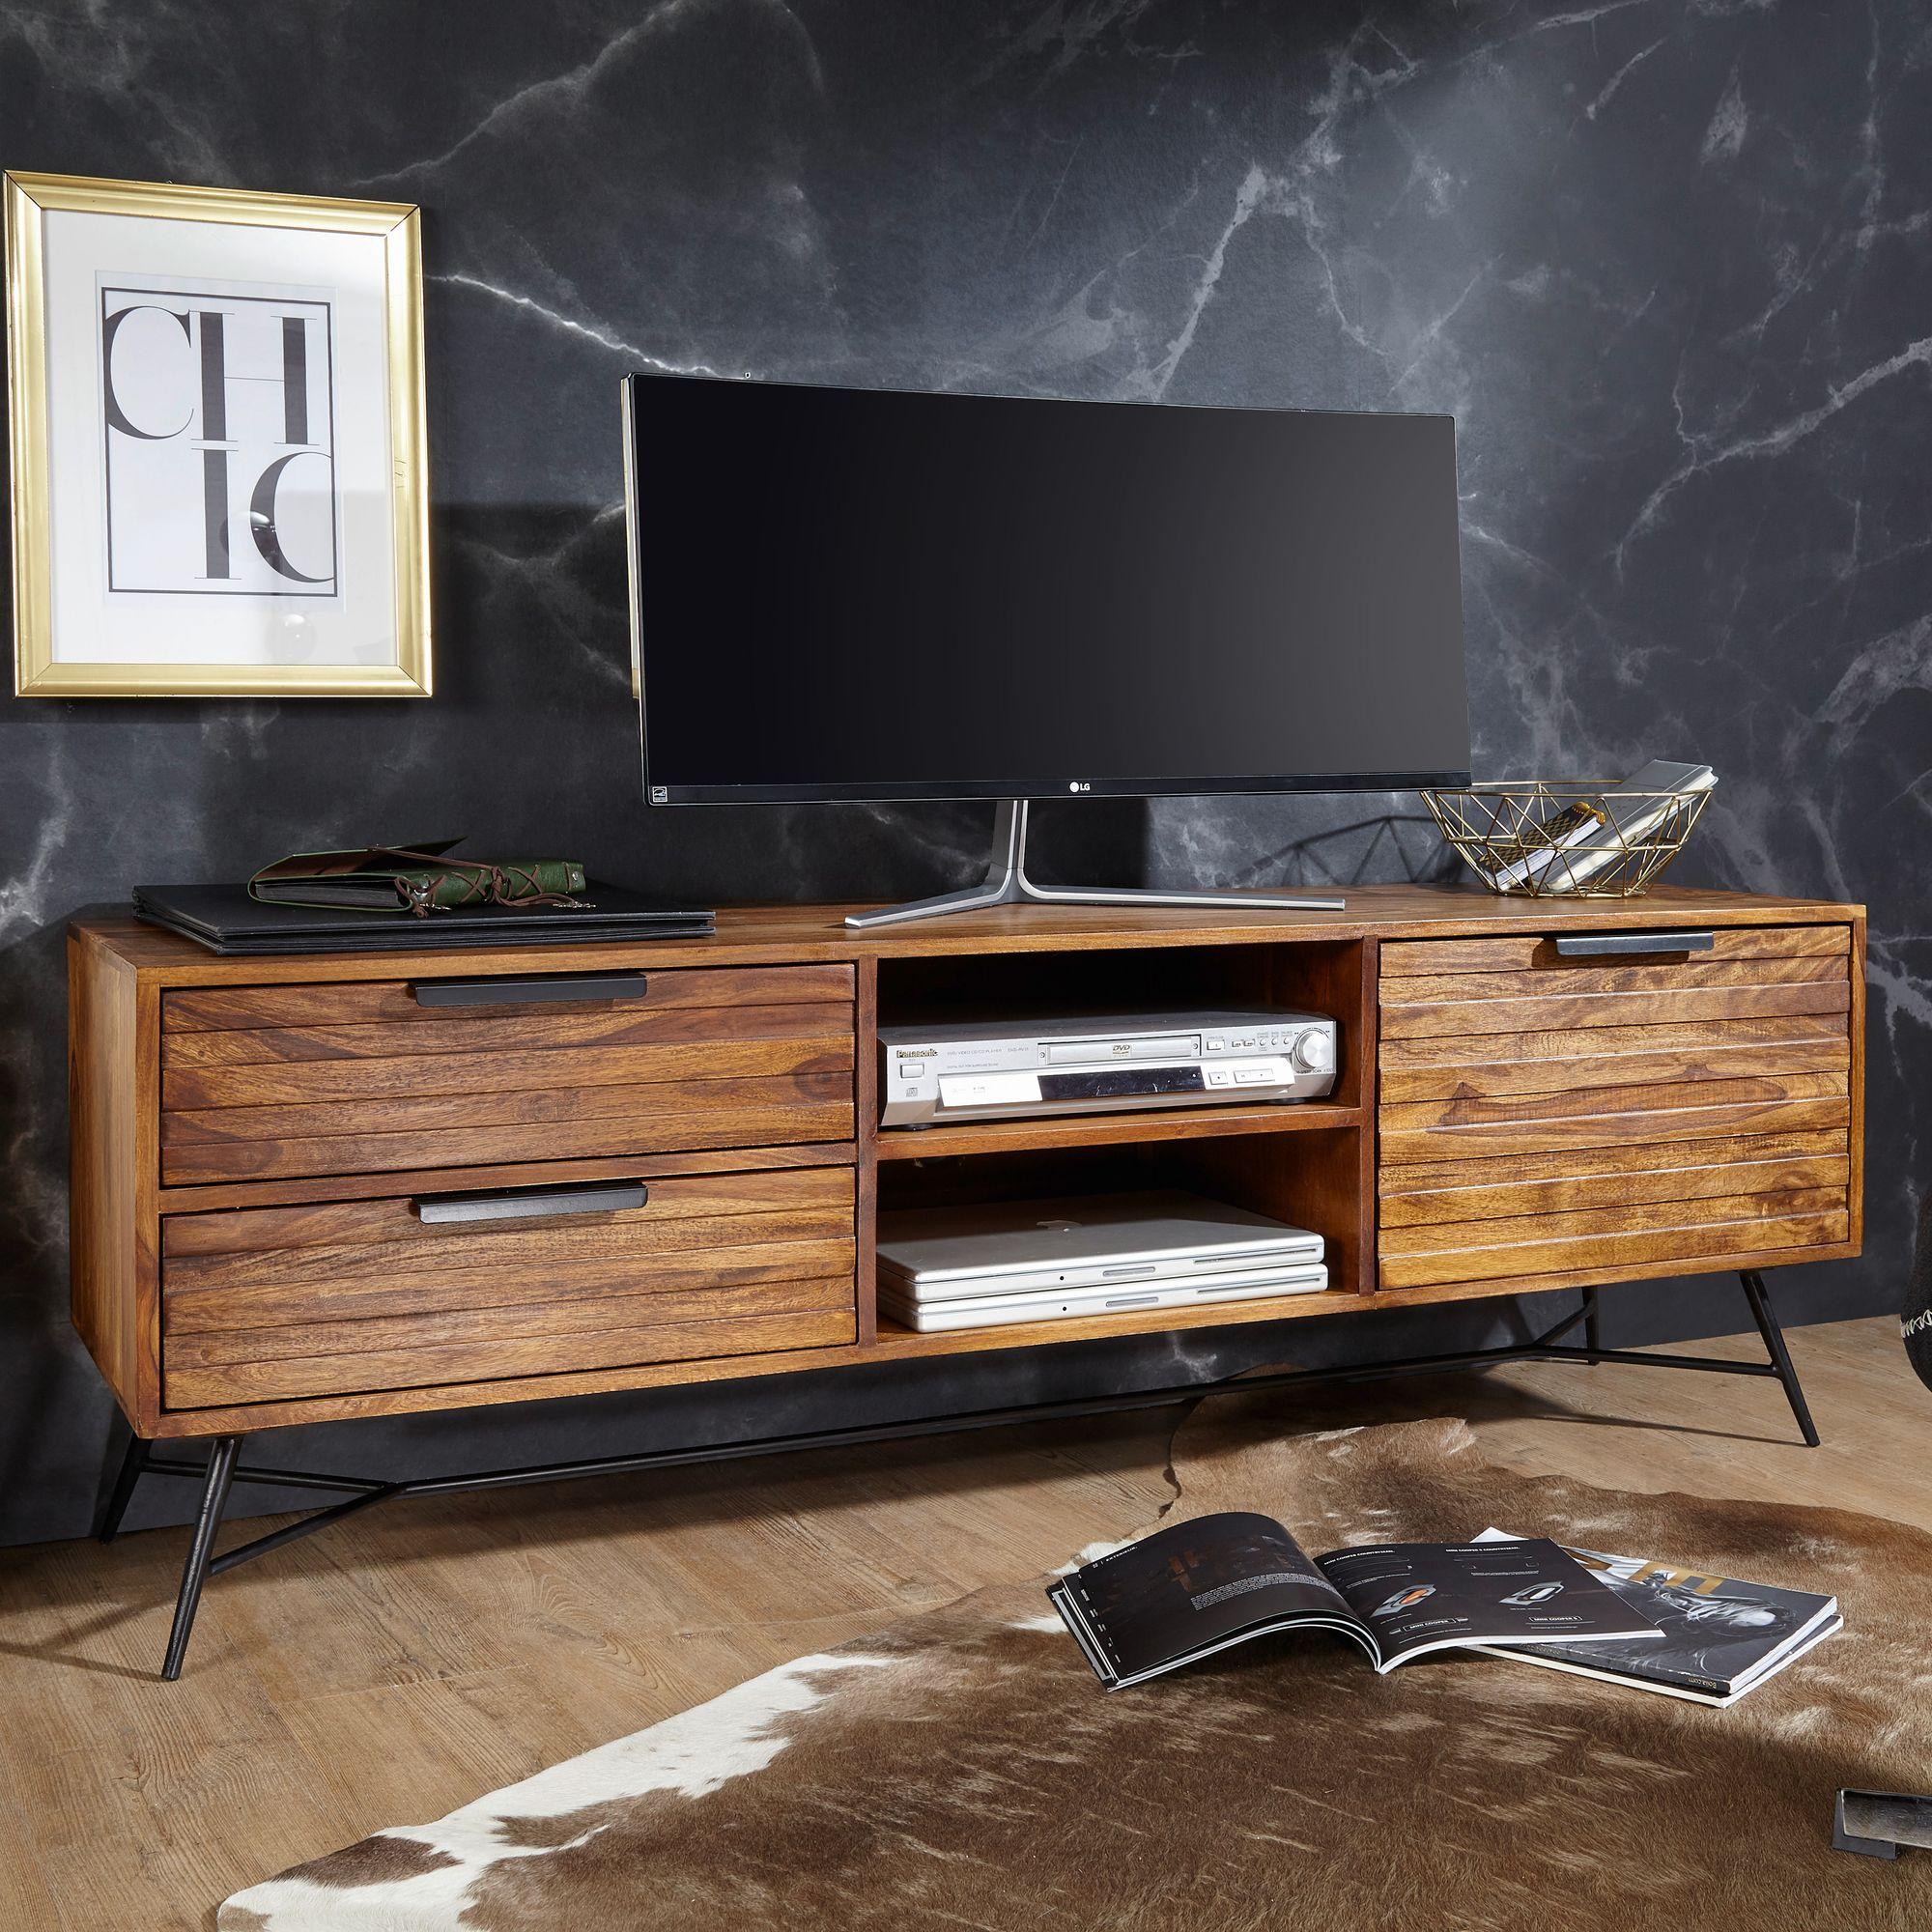 FineBuy Lowboard NASHA 10x10x10 cm Sheesham Massiv Holz  Design  Hifi-Board mit Stauraum und Schubladen  Massivholz Fernsehschrank  Wohnzimmer